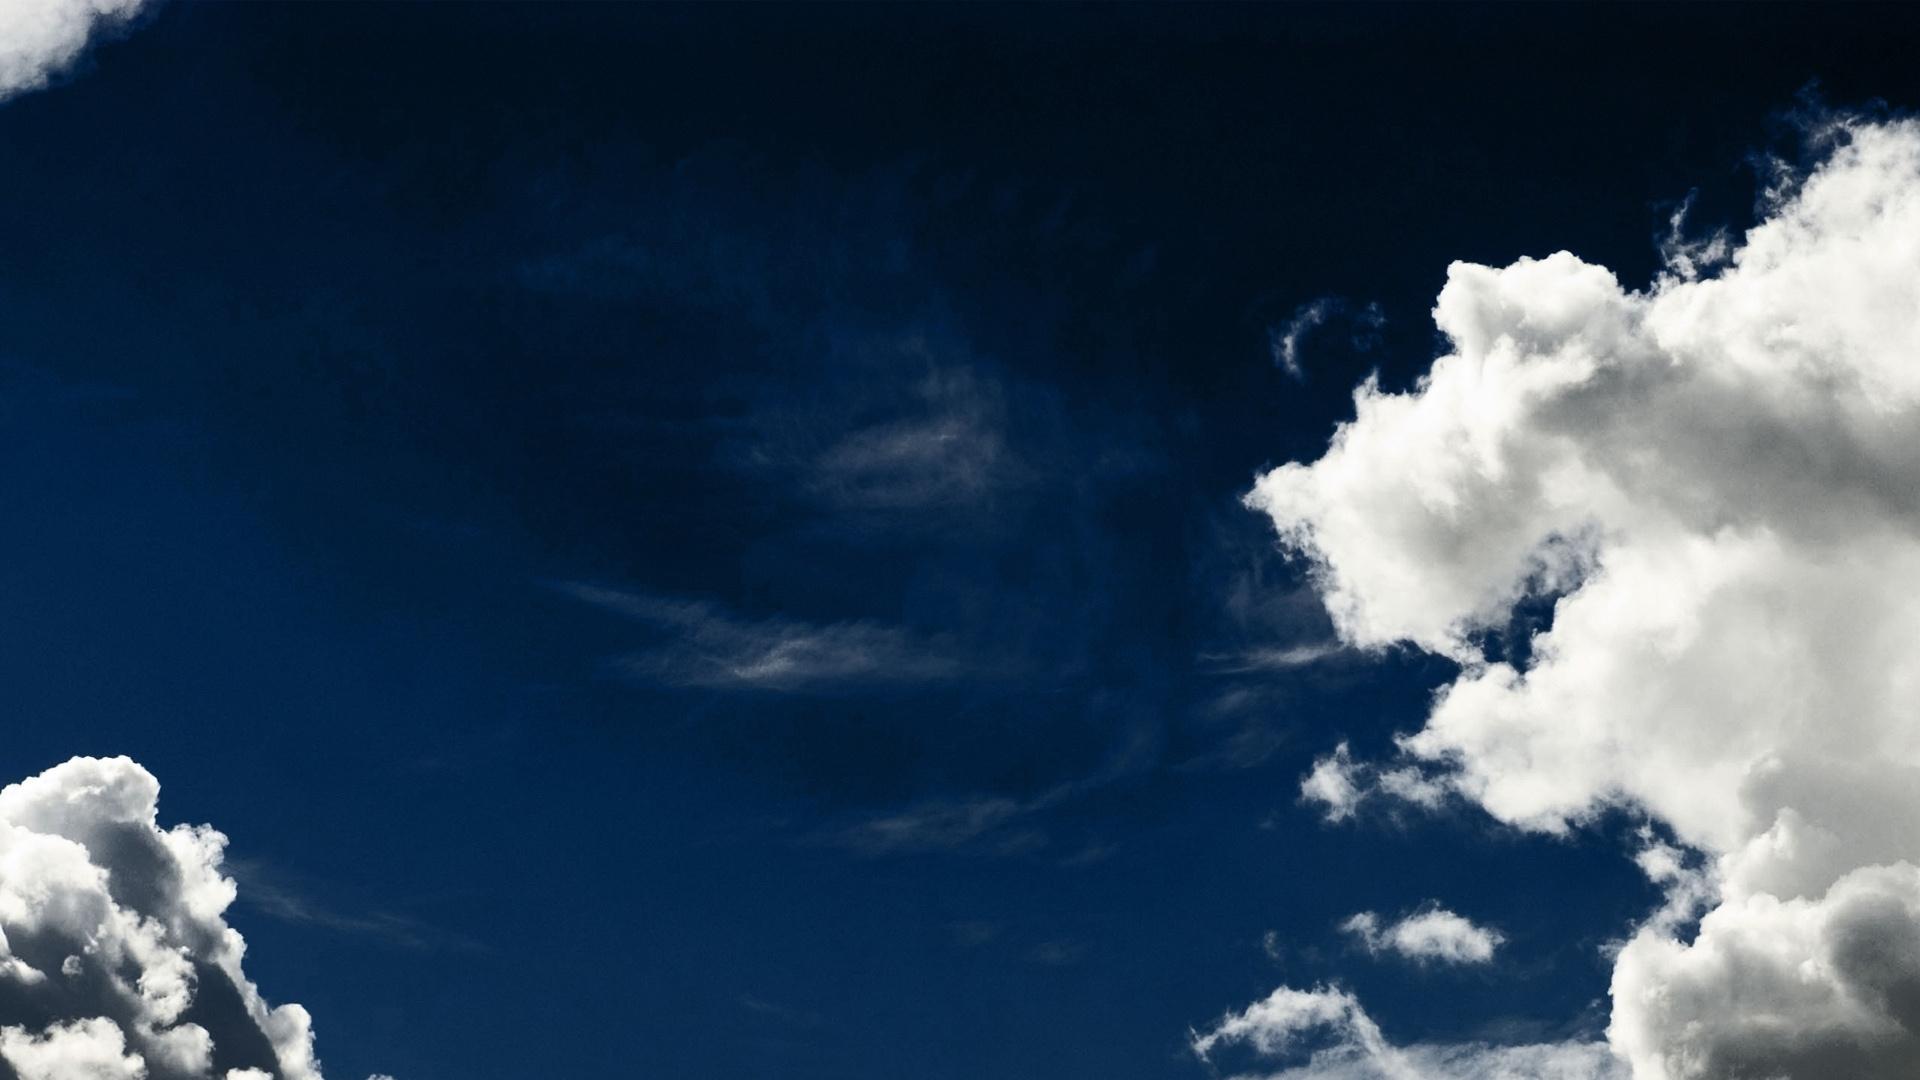 26343 скачать обои Пейзаж, Небо, Облака - заставки и картинки бесплатно